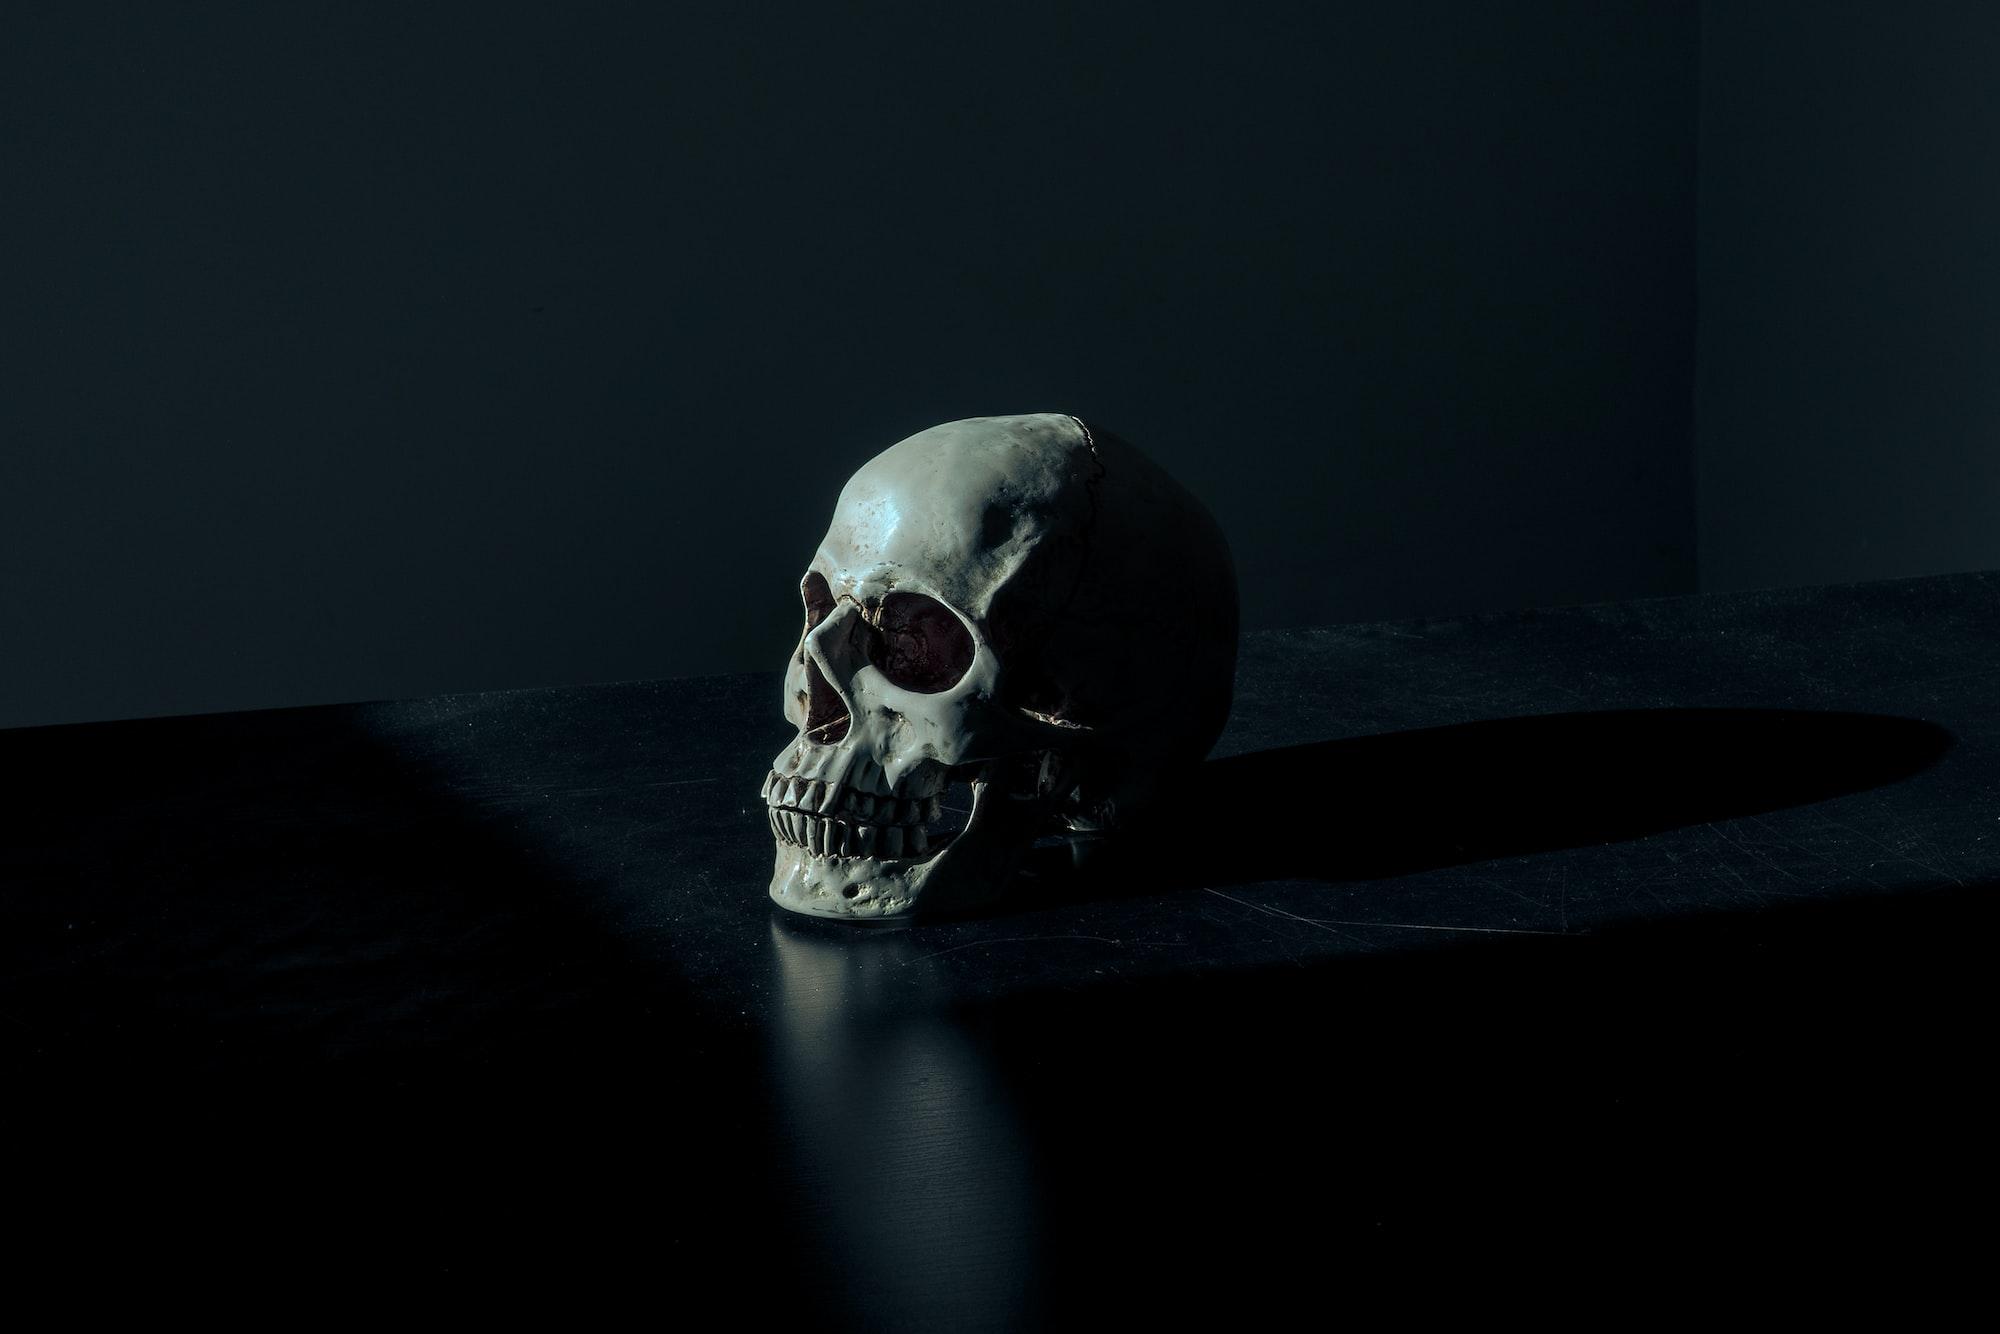 当我垂垂老矣,请让我有尊严地死去